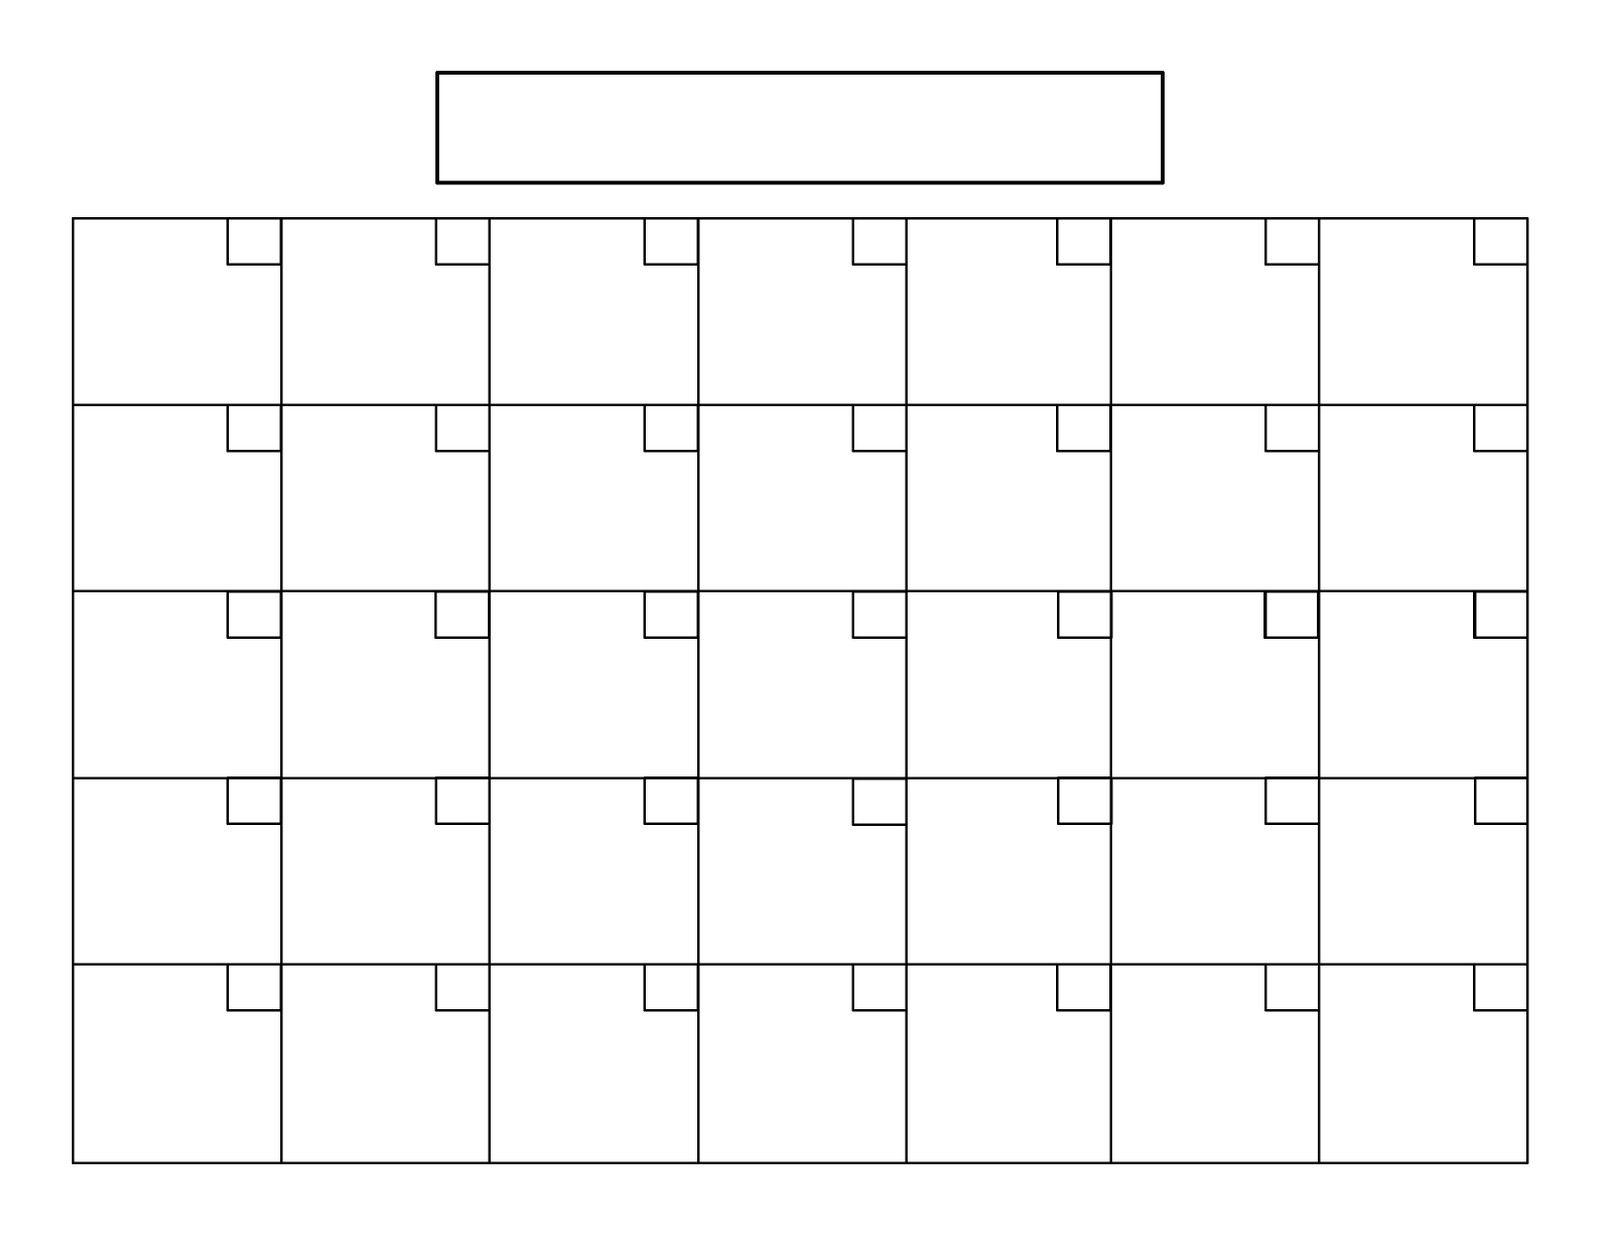 blank schedule grid